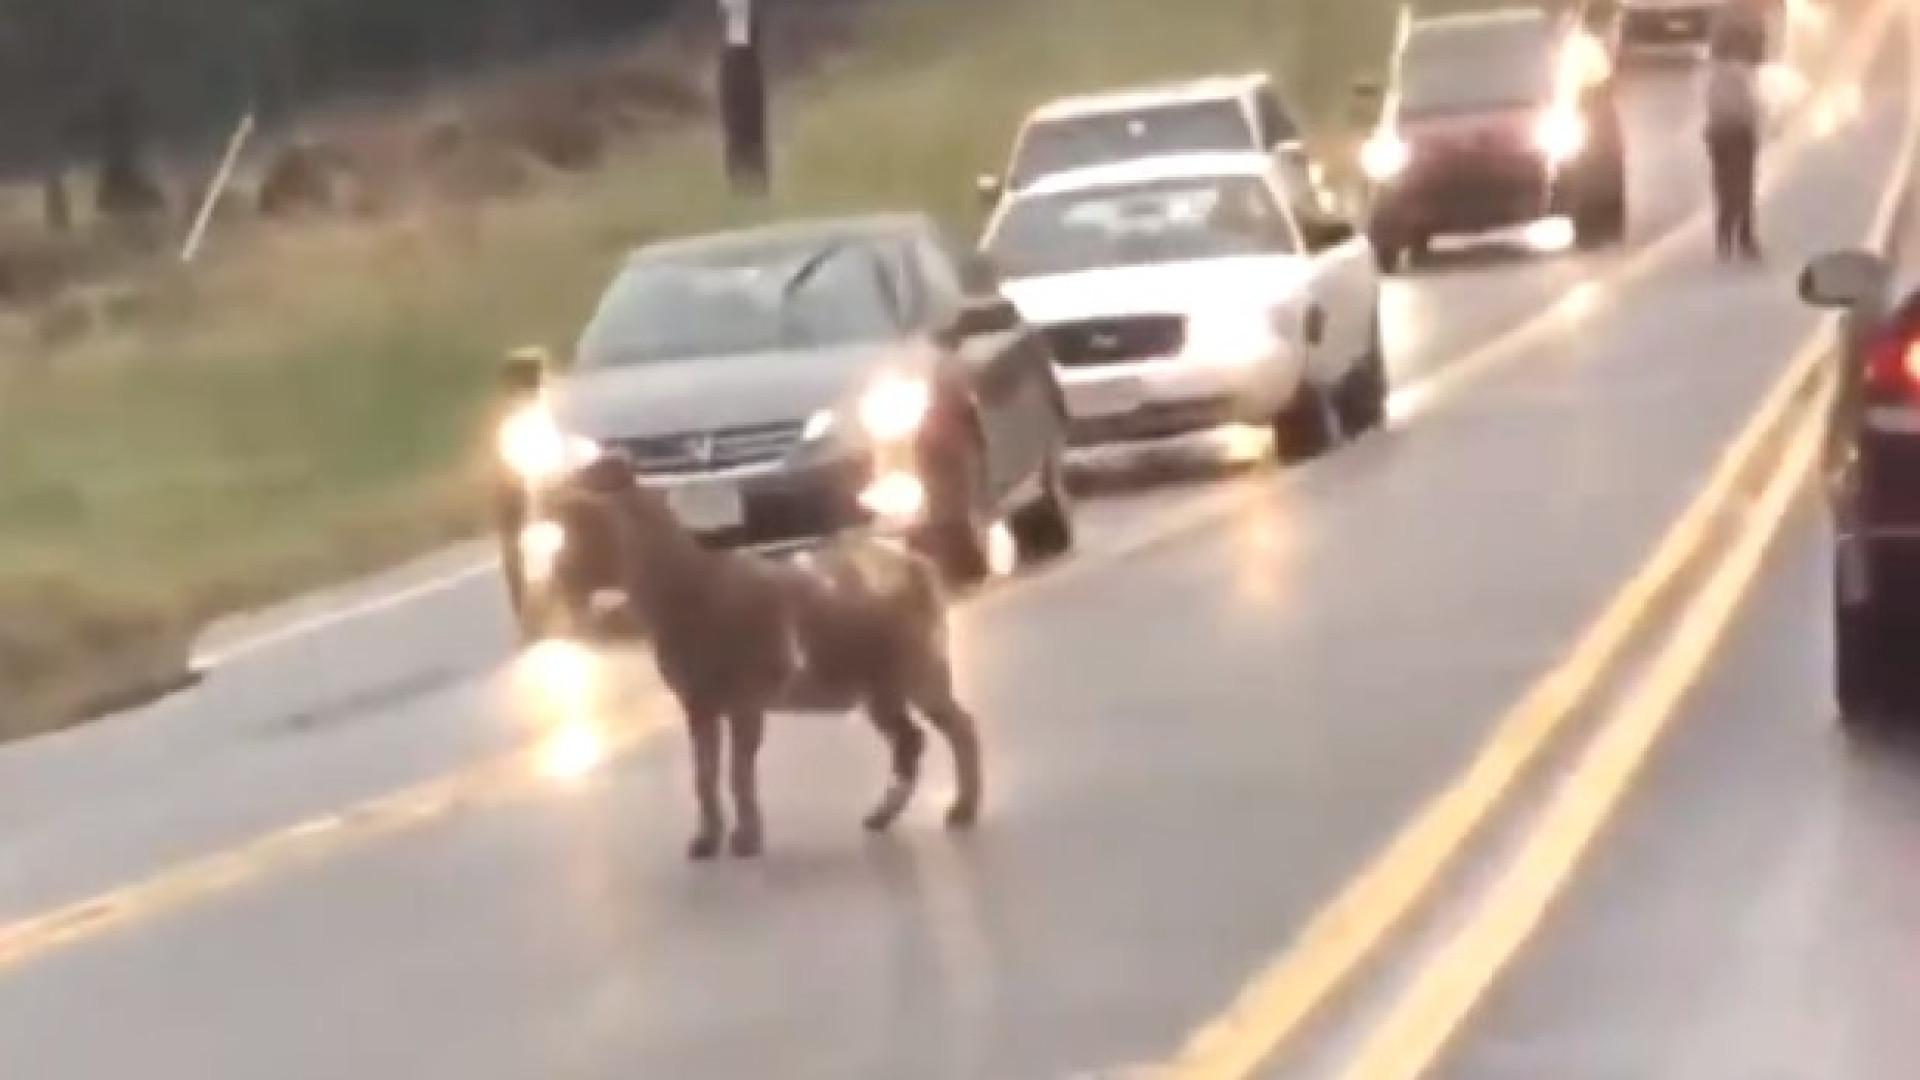 Cabra passeia por estrada e cria confusão no trânsito em Washington